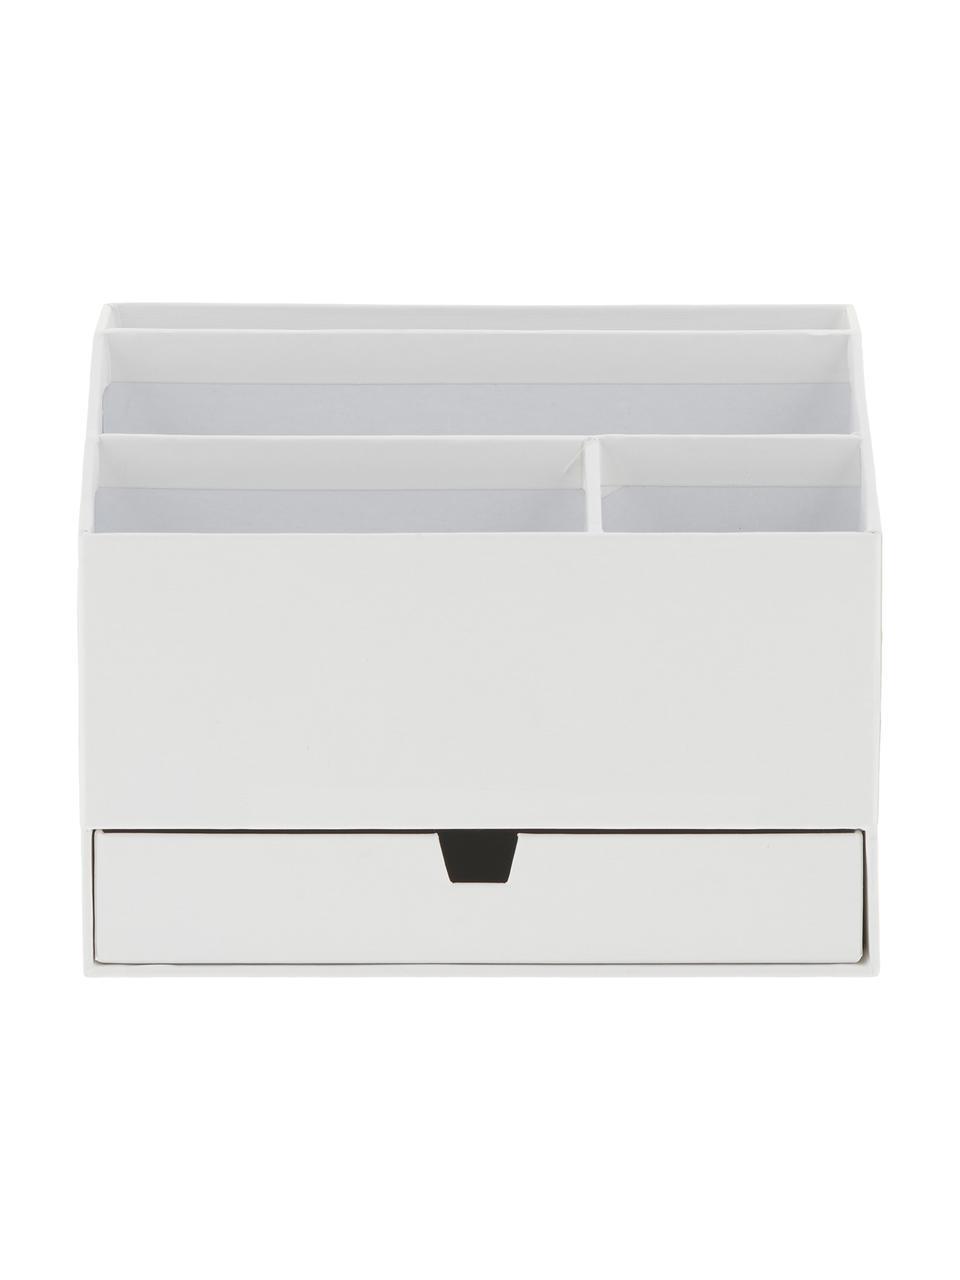 Organizer da ufficio Greta, Cartone solido e laminato, Bianco, Larg. 24 x Alt. 18 cm